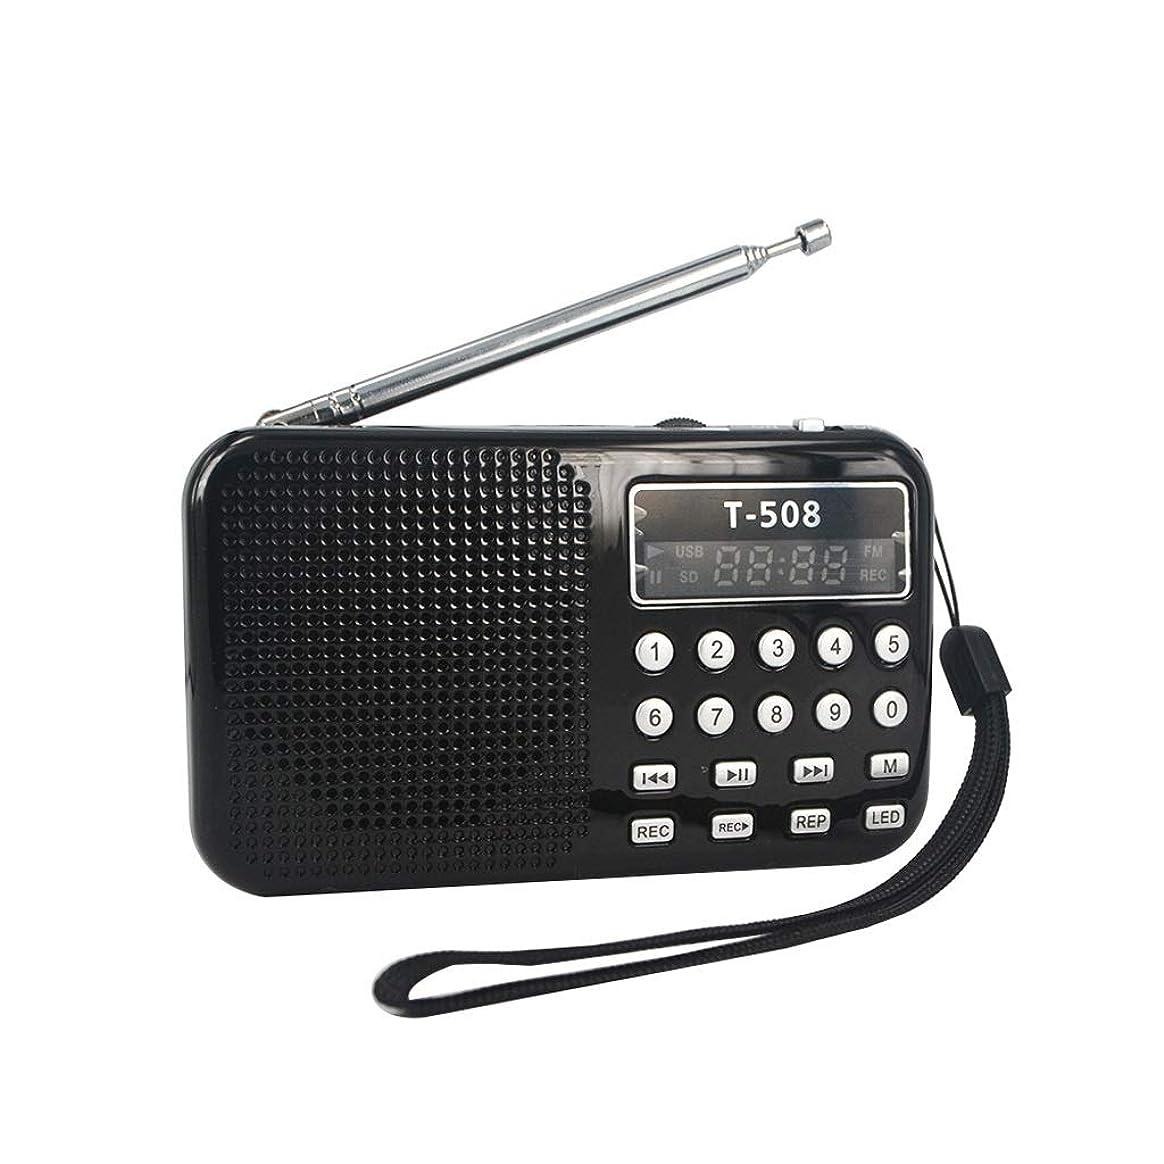 パワーセル戦う連想ラジオ 50mmの内部磁気のLEDステレオFMラジオのスピーカーUSB港TFカードエムピー?スリー音楽プレーヤー 時事情報 (Color : Black)